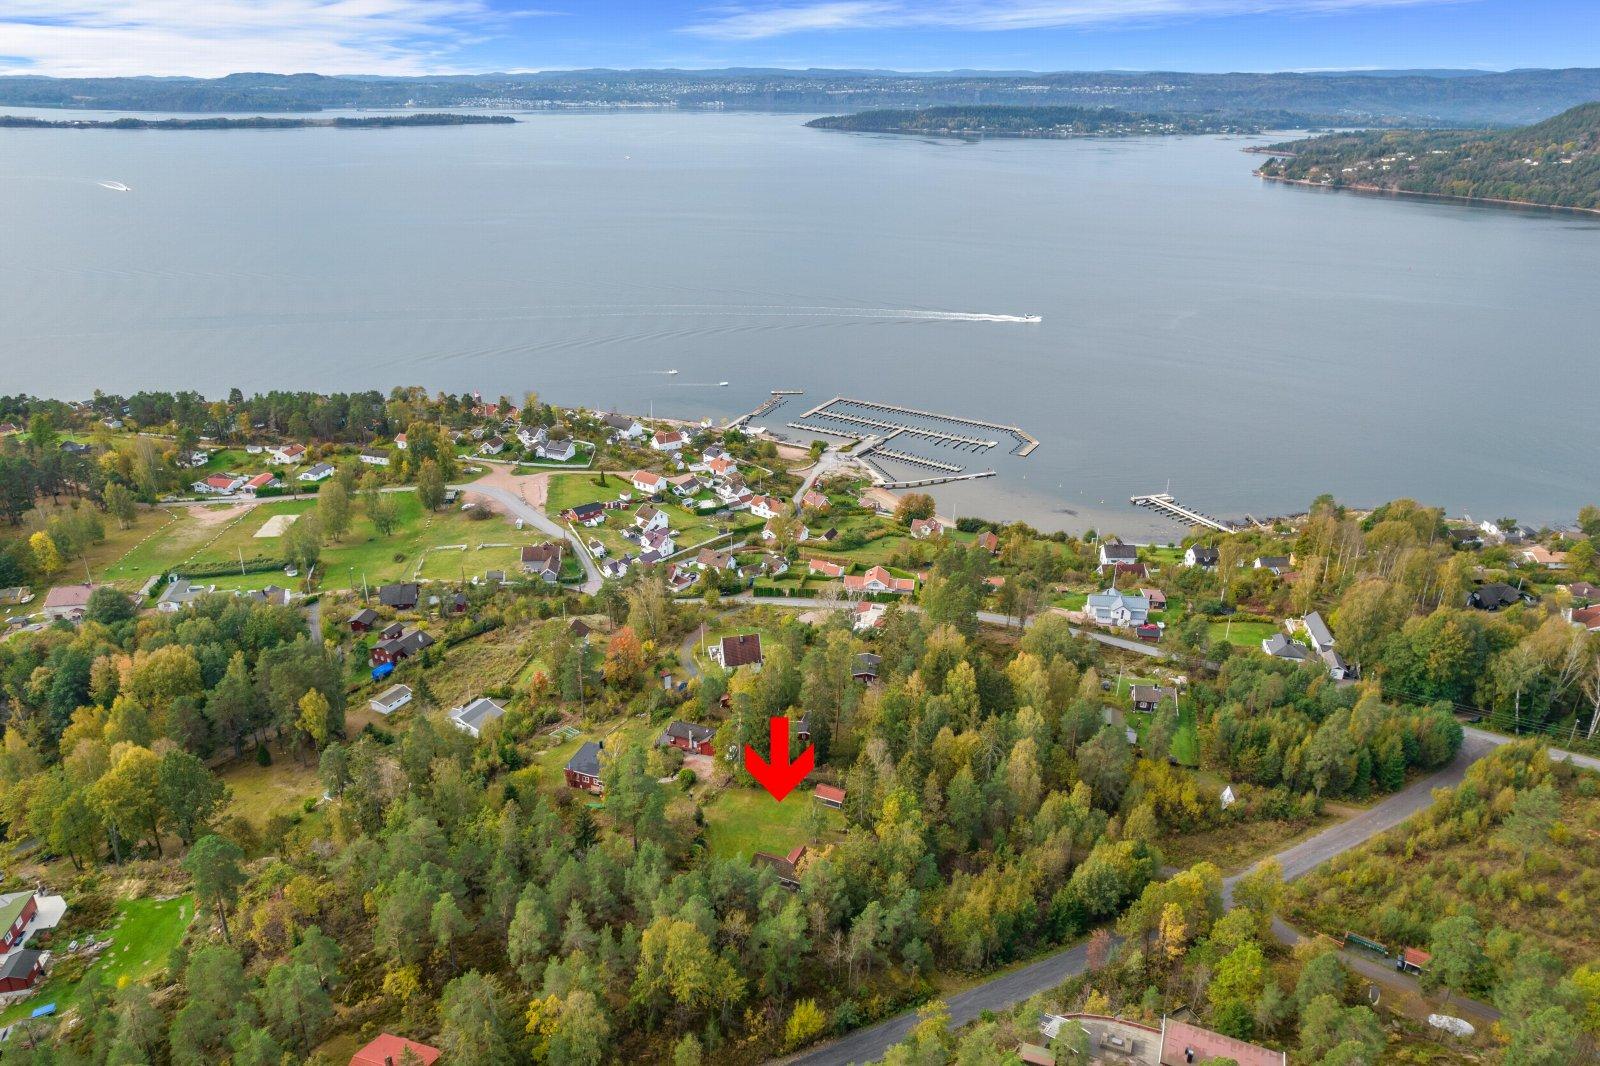 Eiendommen ligger i kort avstand fra fjorden med mange flotte badeplasser og turmuligheter